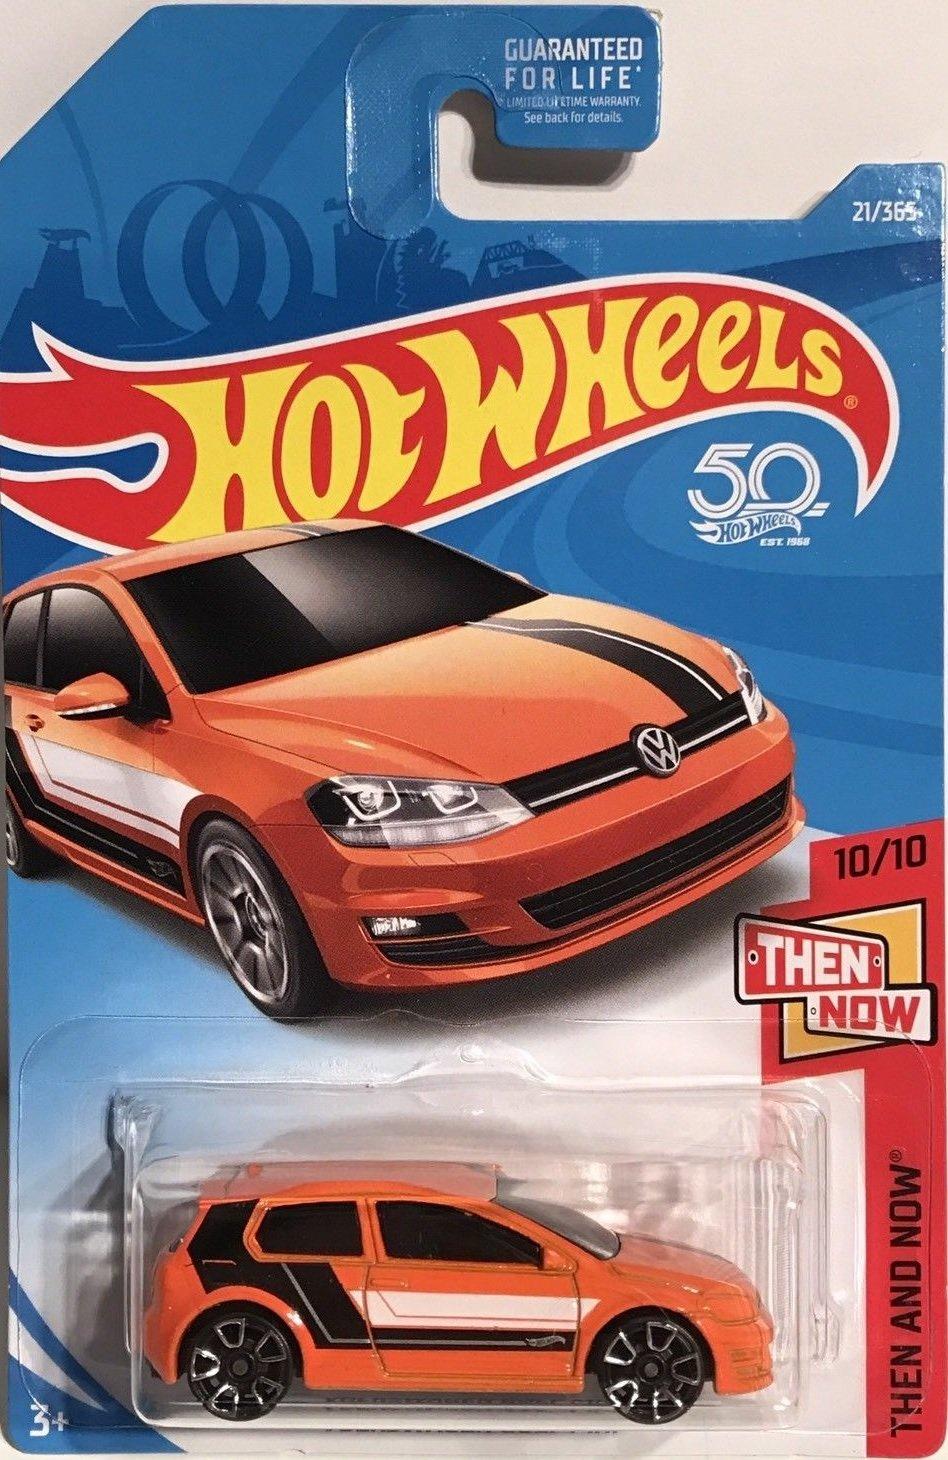 Hot Wheels 2018 50th Anniversary Then And Now Volkswagen Golf MK7 21/365, Orange